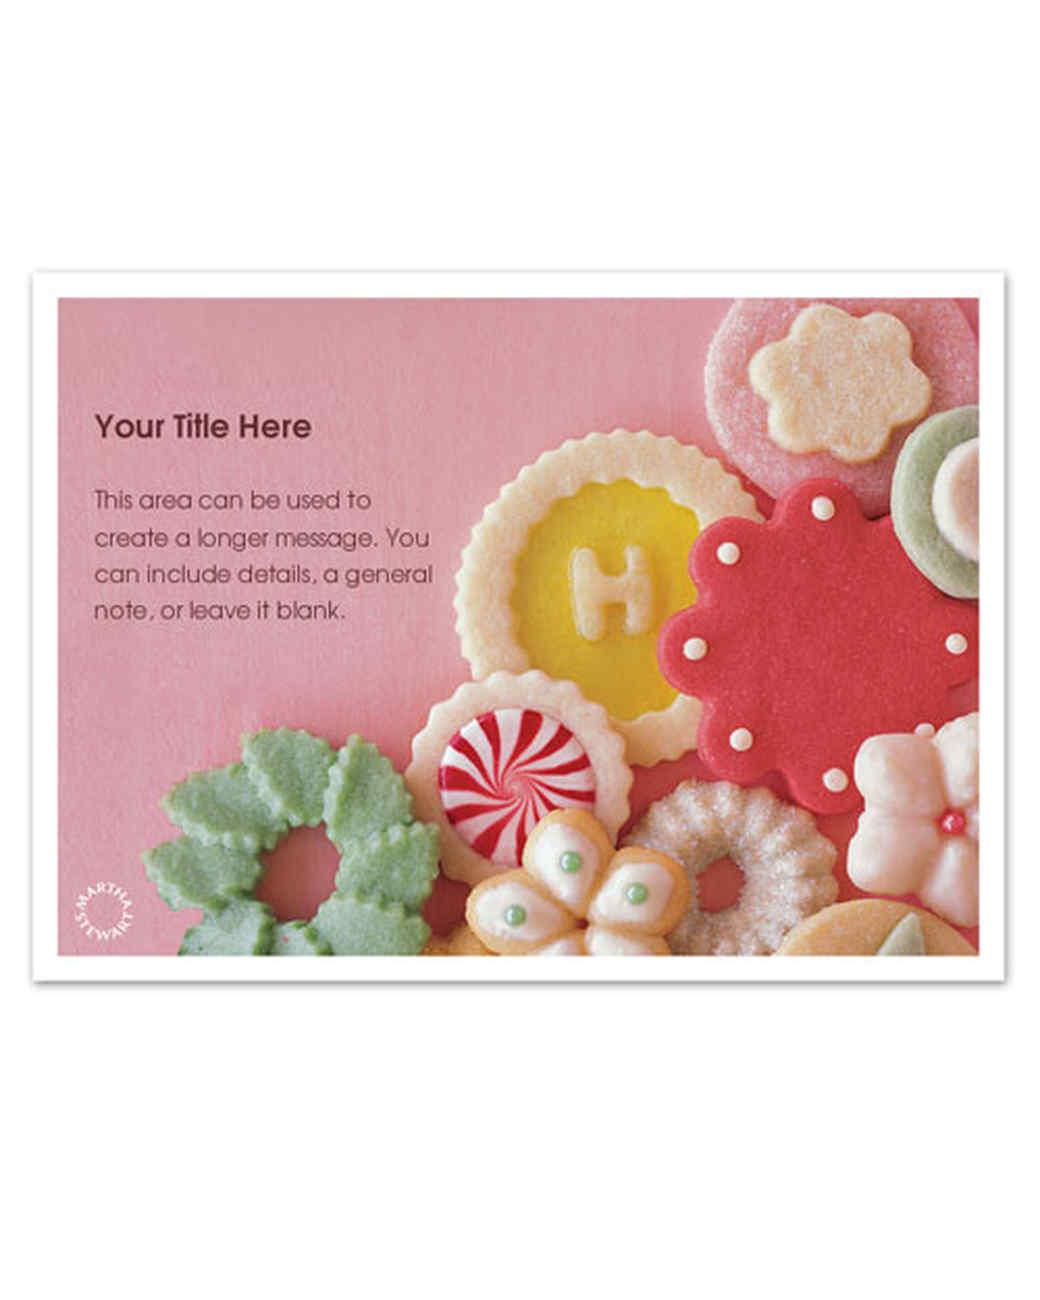 pingg_christmas_cookies3.jpg